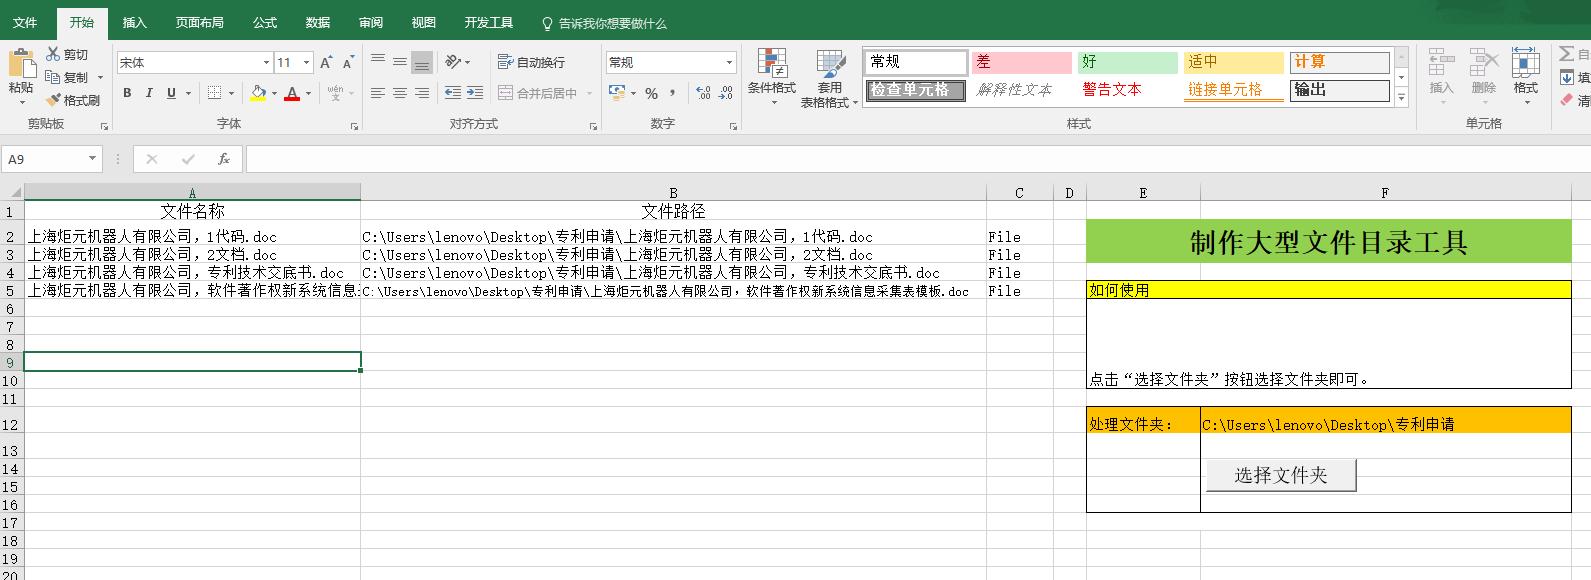 上海炬元Excel批量文字智能替换 白领机器人